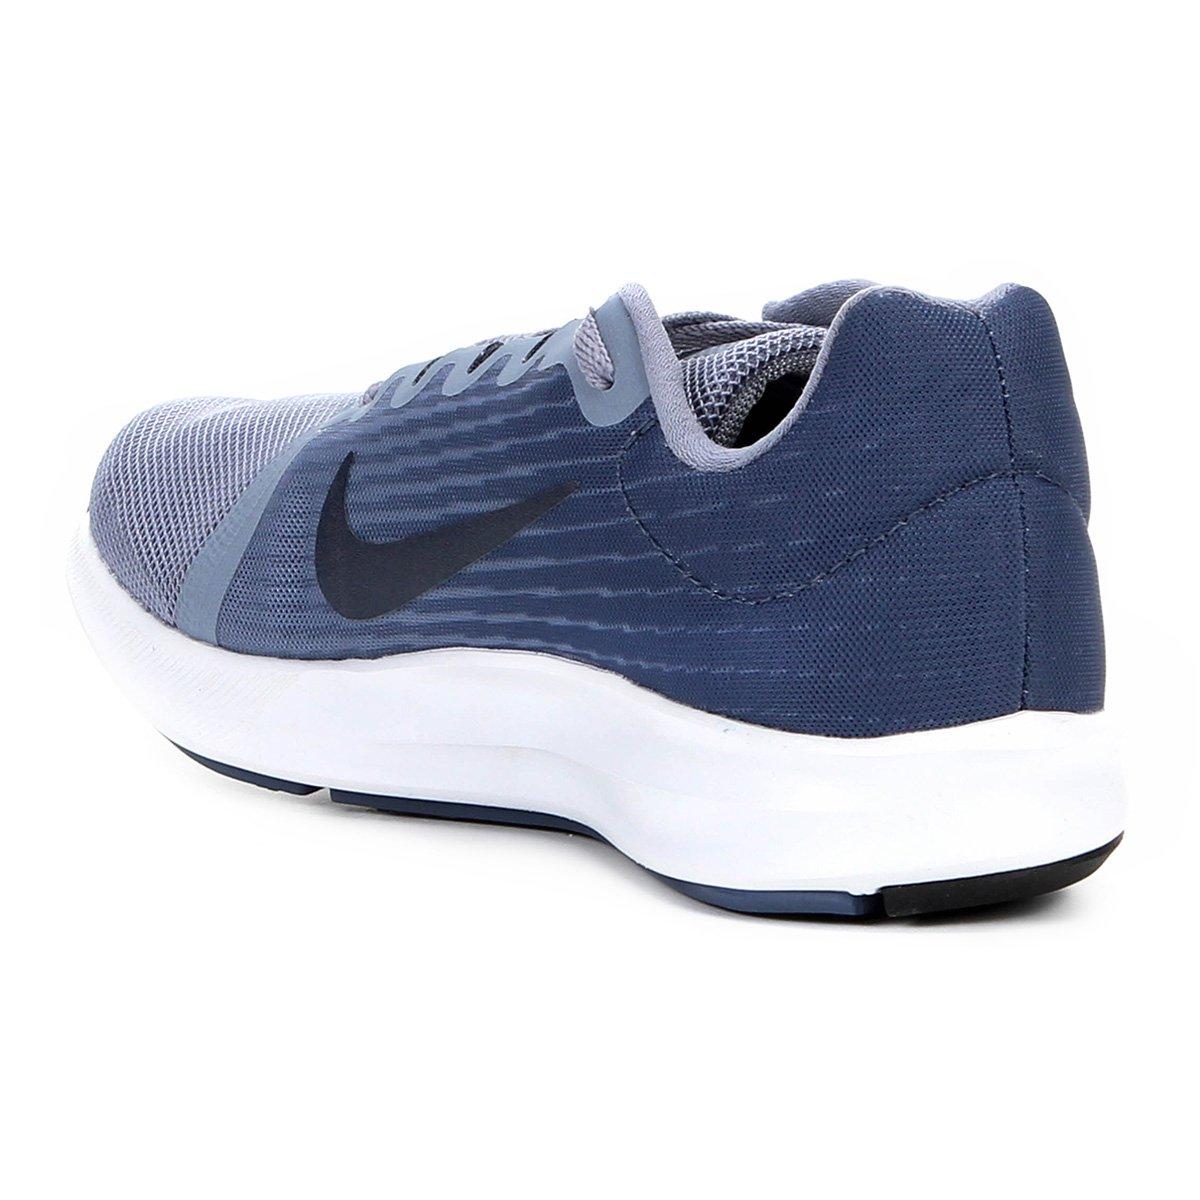 Tênis 8 Azul Nike Nike Downshifter Cinza e Masculino Tênis Downshifter rxwr1ZXq0